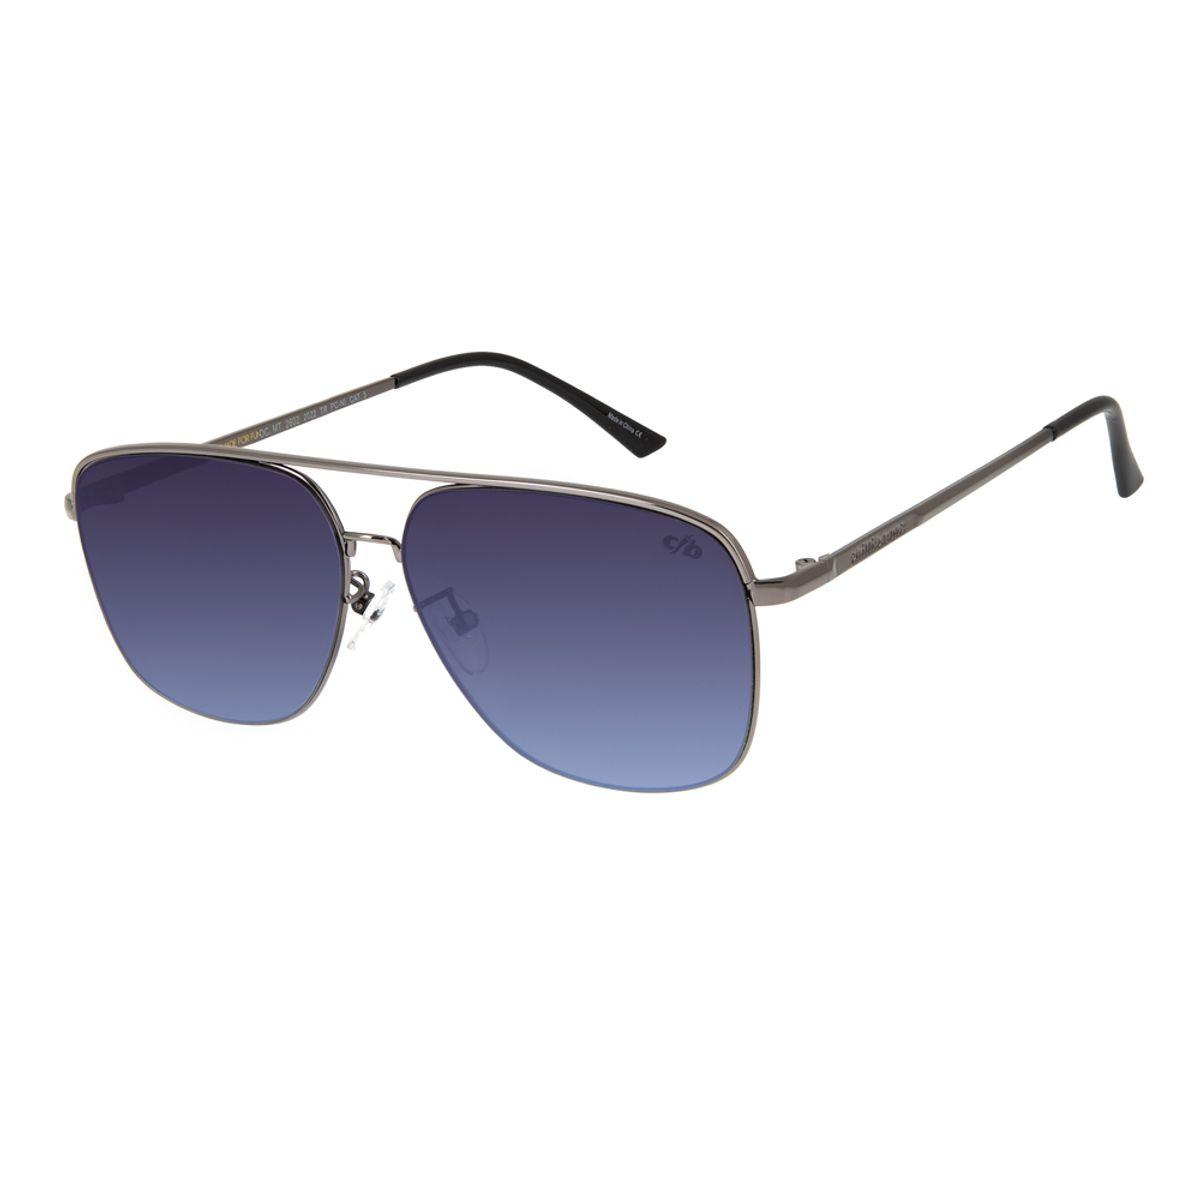 93187bbf6 Óculos de Sol Chilli Beans Masculino Executivo Metal Degradê 2602 ...